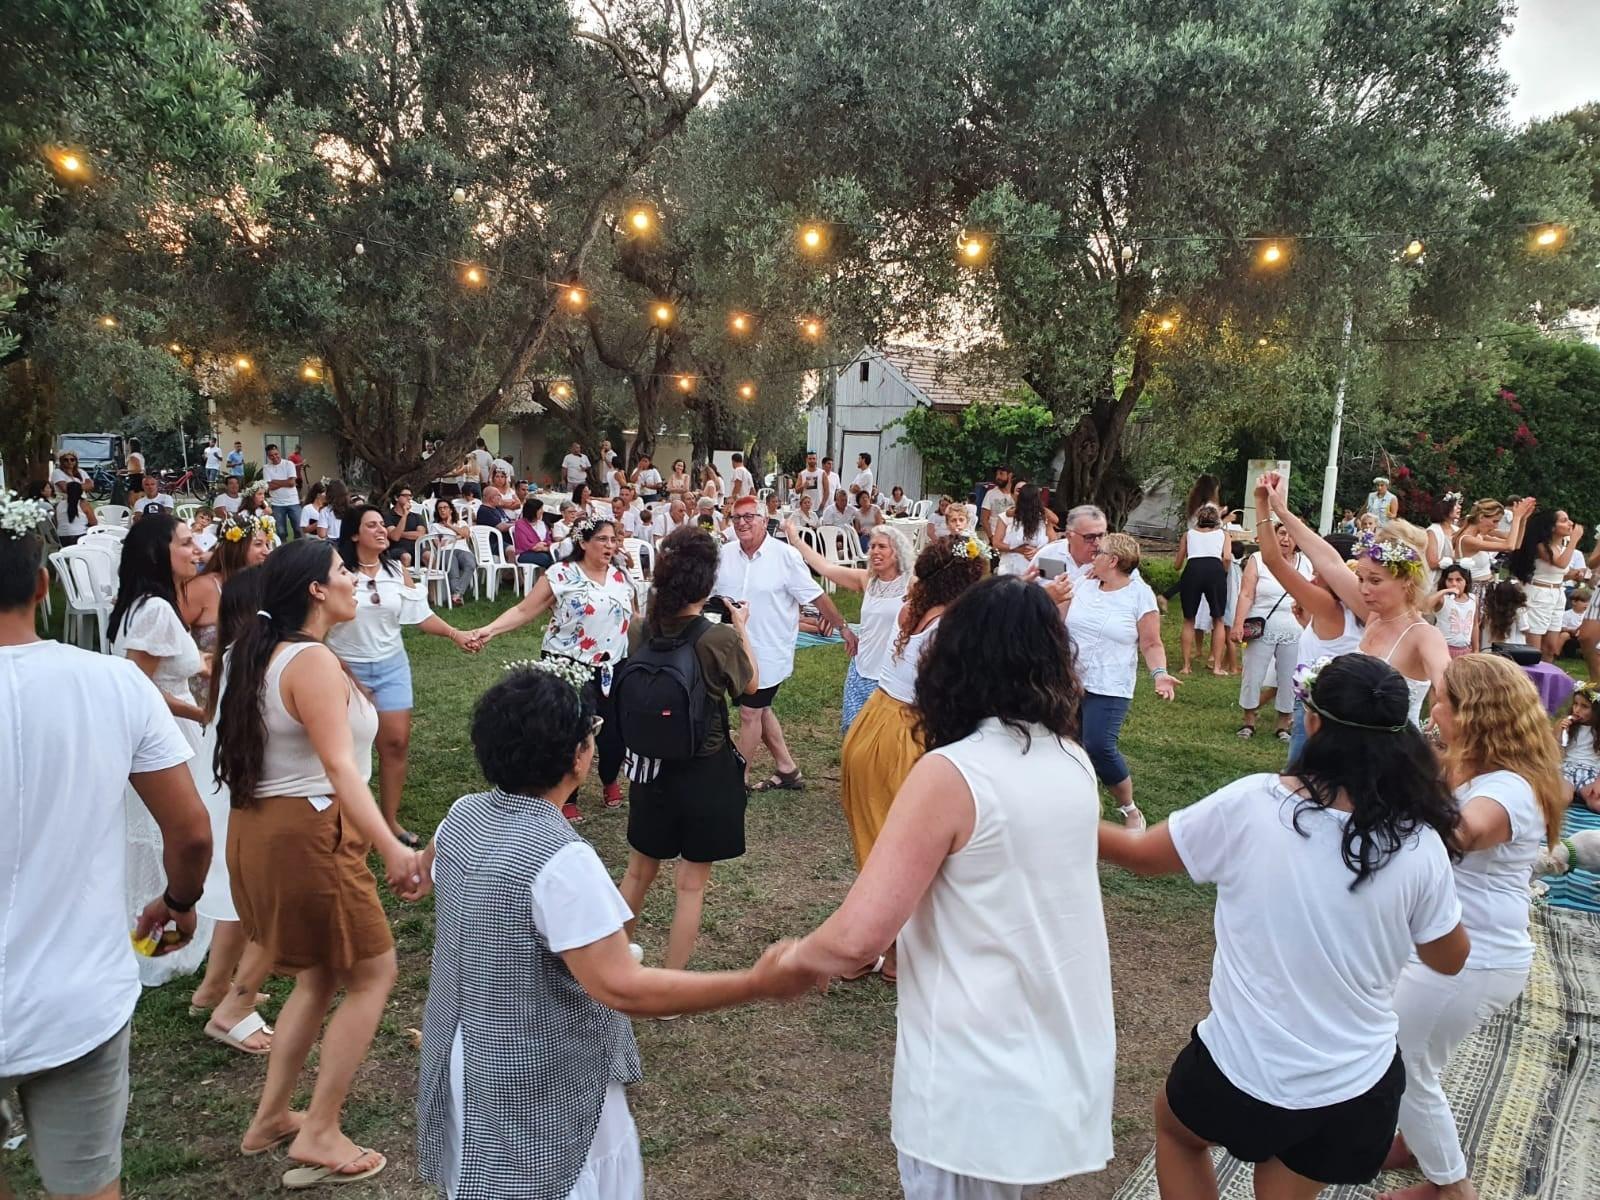 חברי להקת החברים של נחום מרקידים את הקהילה בכרמיה